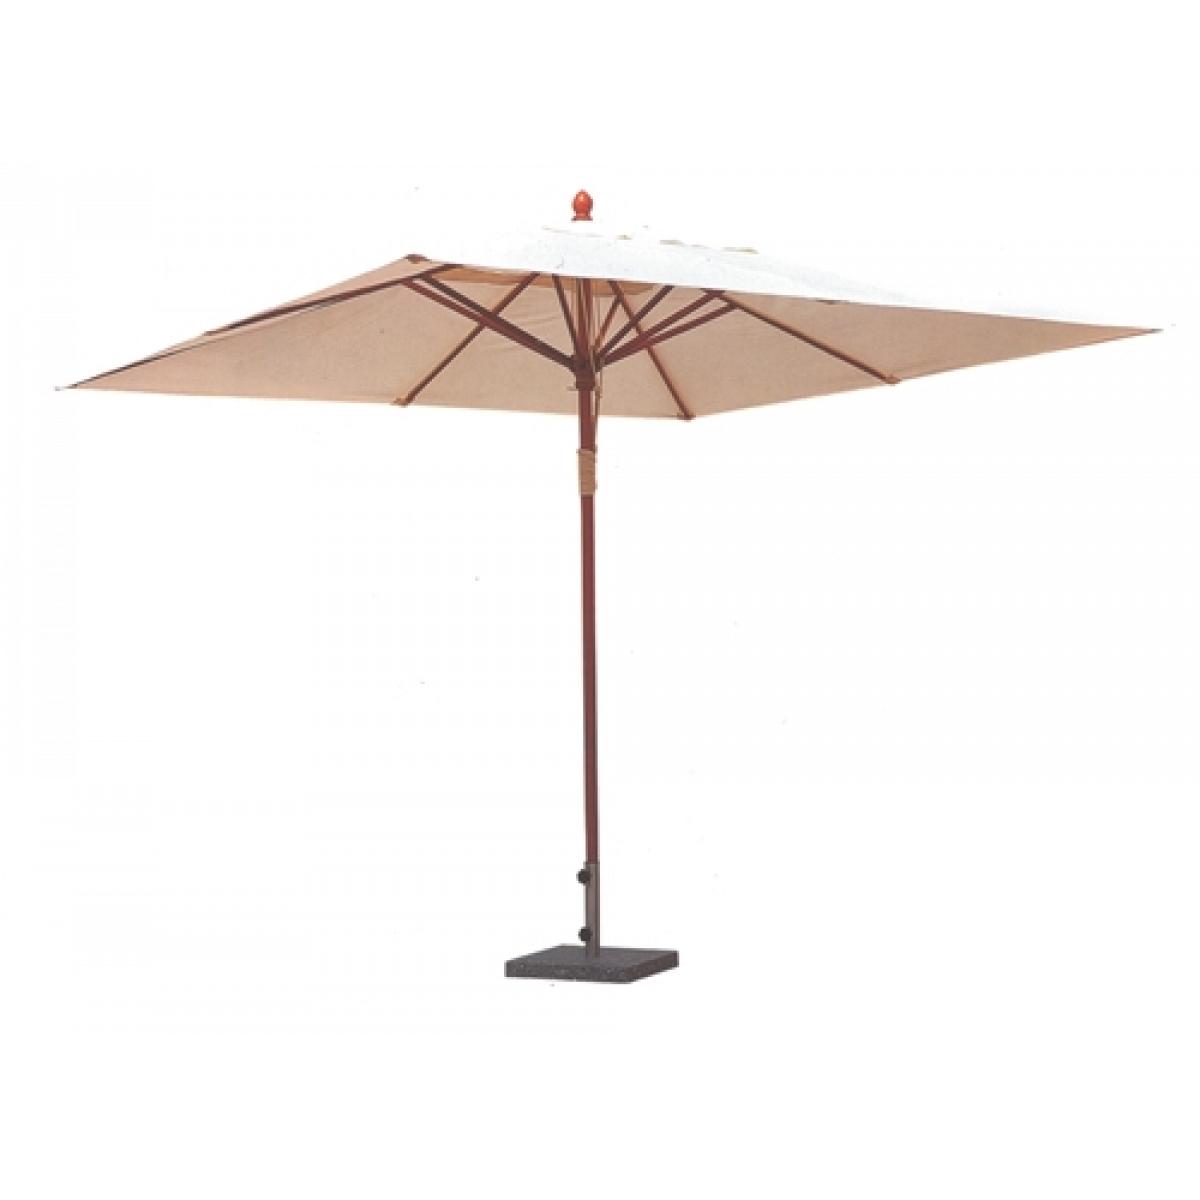 Patio Umbrella 3 X 3 Mod Helios Beige Verdegarden Wooden